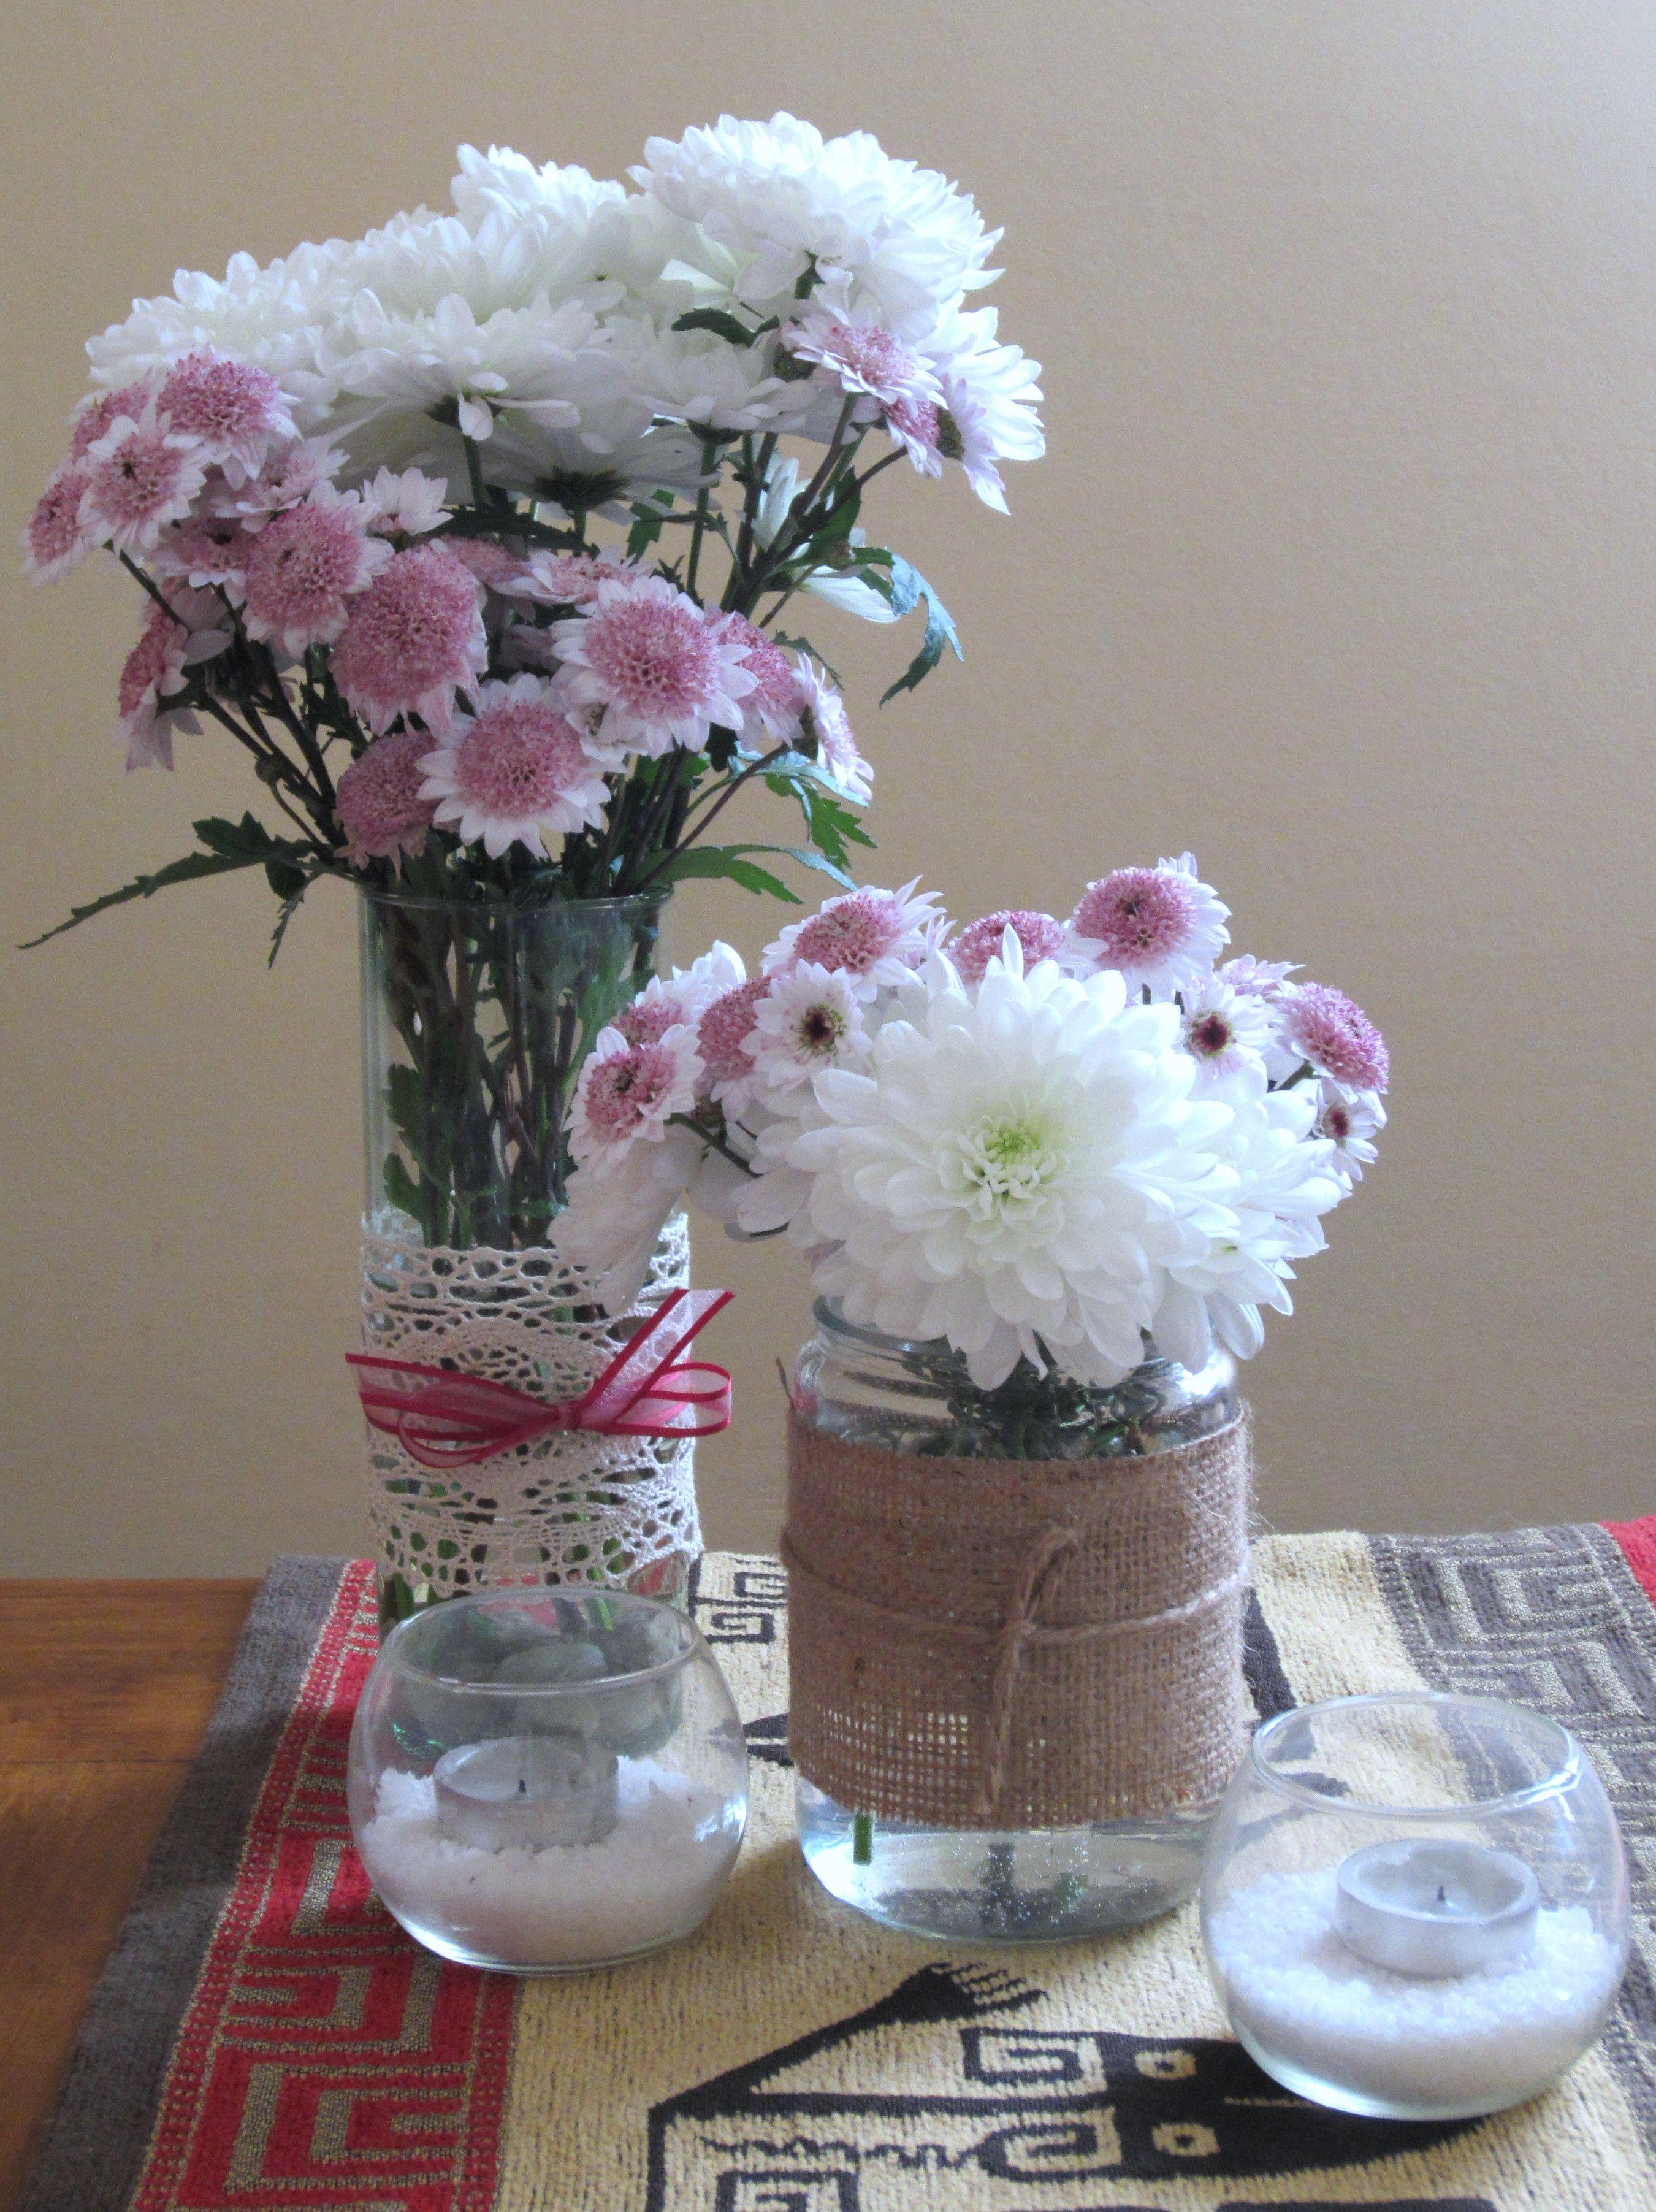 Centro de mesa con frascos flores naturales y velas centros de mesa para eventos sociales y - Centro de mesa con flores ...